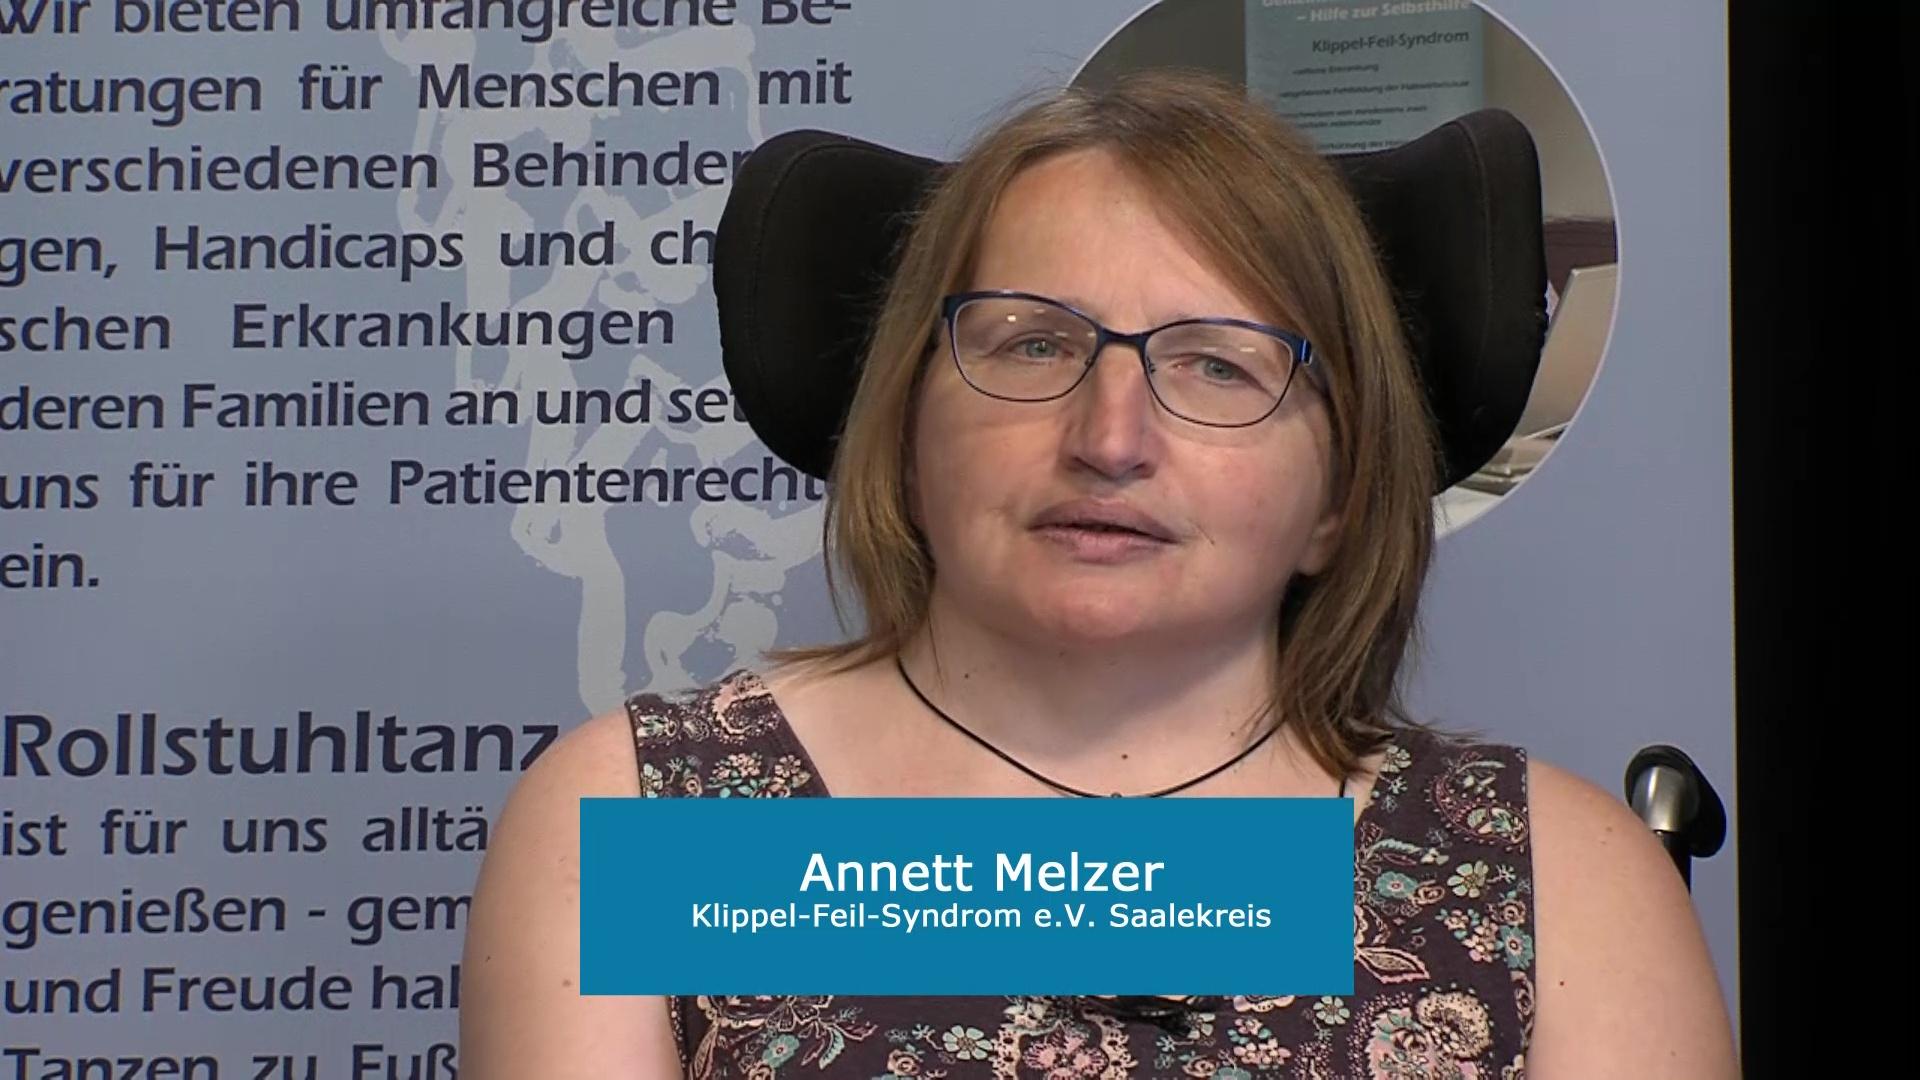 Mitten im Leben und doch Anders - Das Leben mit Klippel-Feil-Syndrom